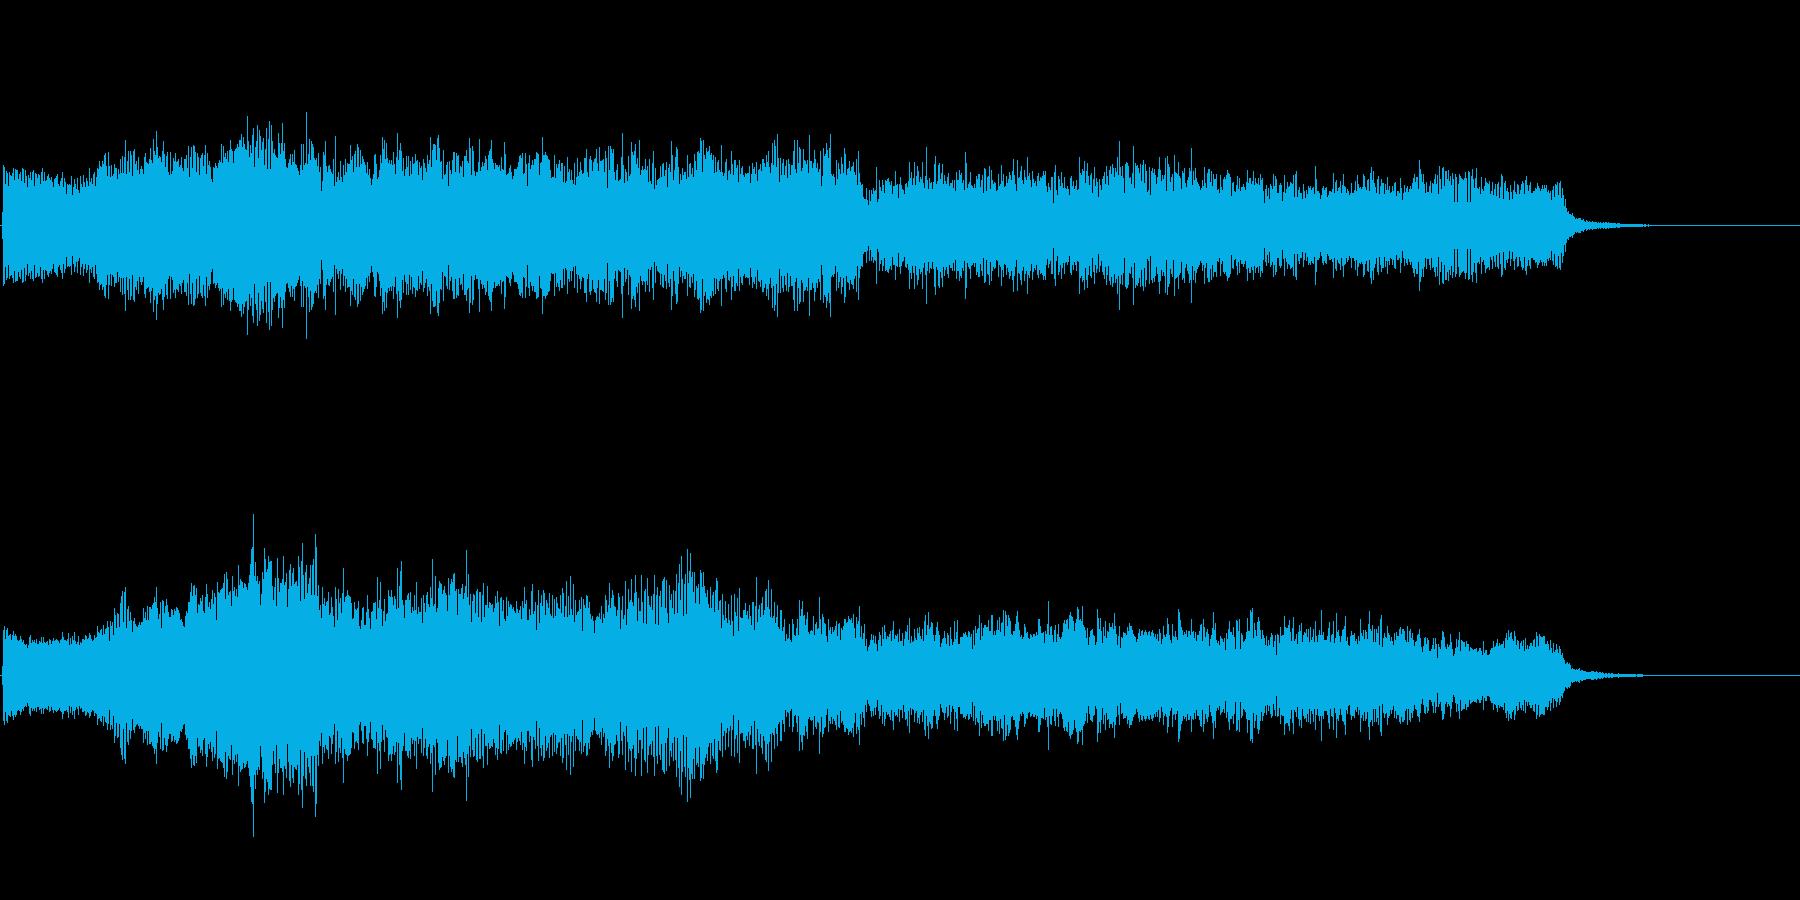 ダーク ホラーなストリングス 鐘の音入りの再生済みの波形